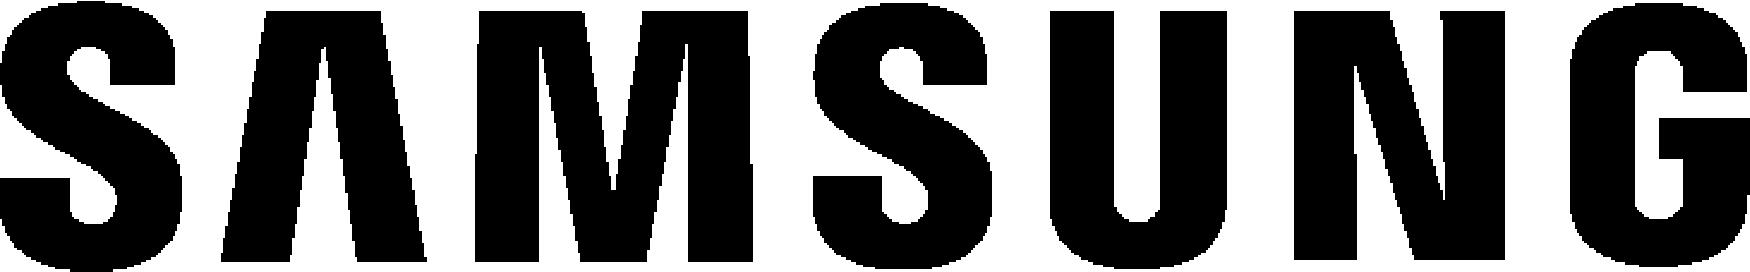 Samsung Lettermark-Black - 65px